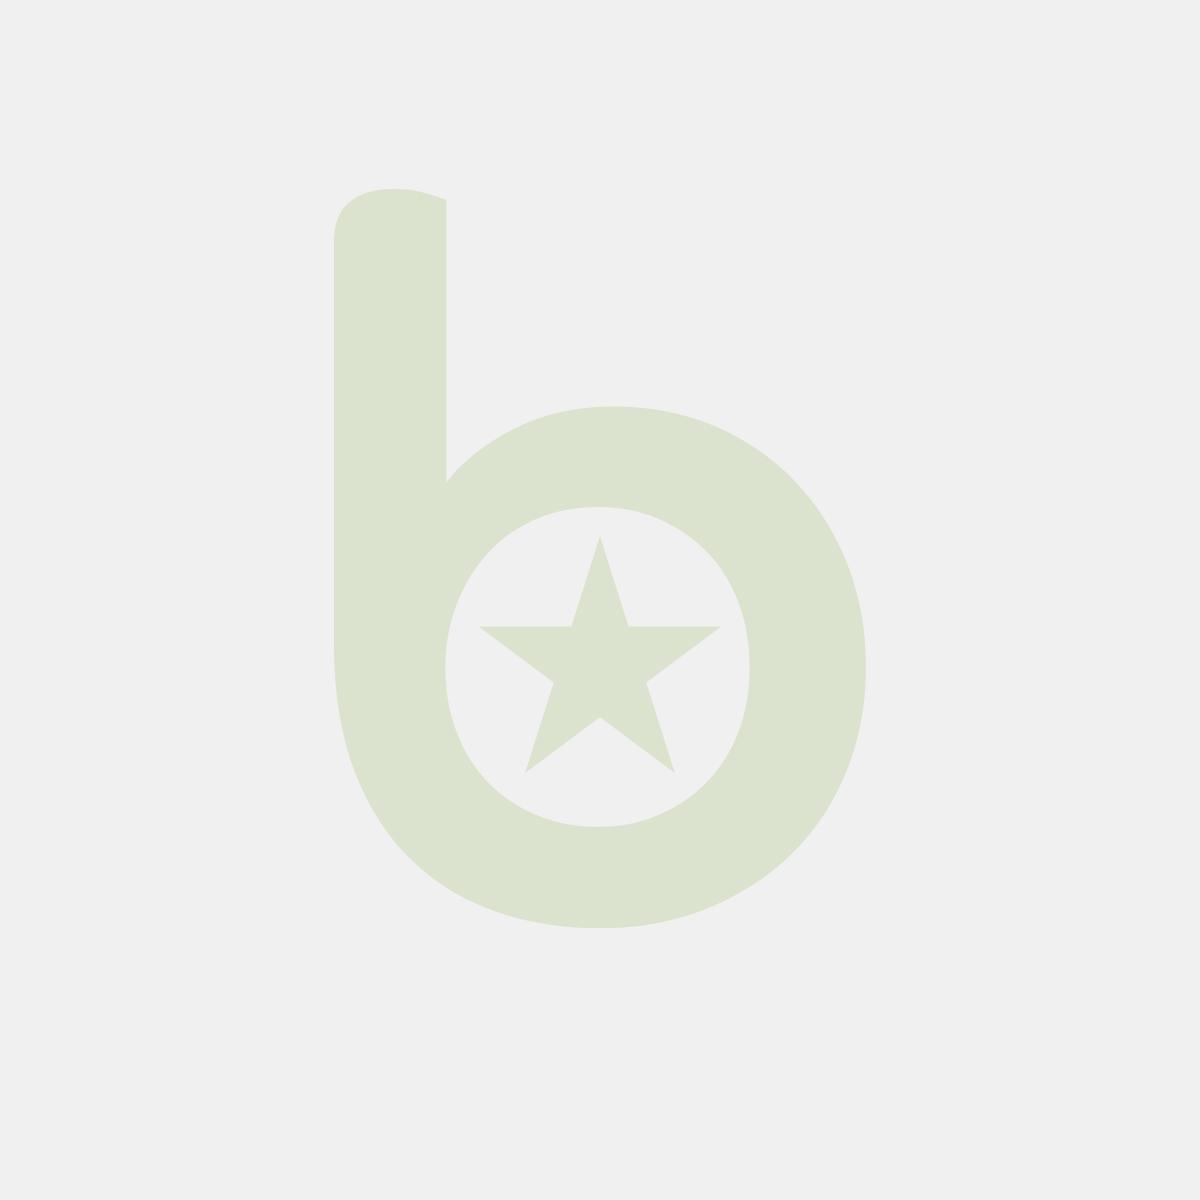 Łyzeczka COLOR złoty, cena za opakowanie 40szt